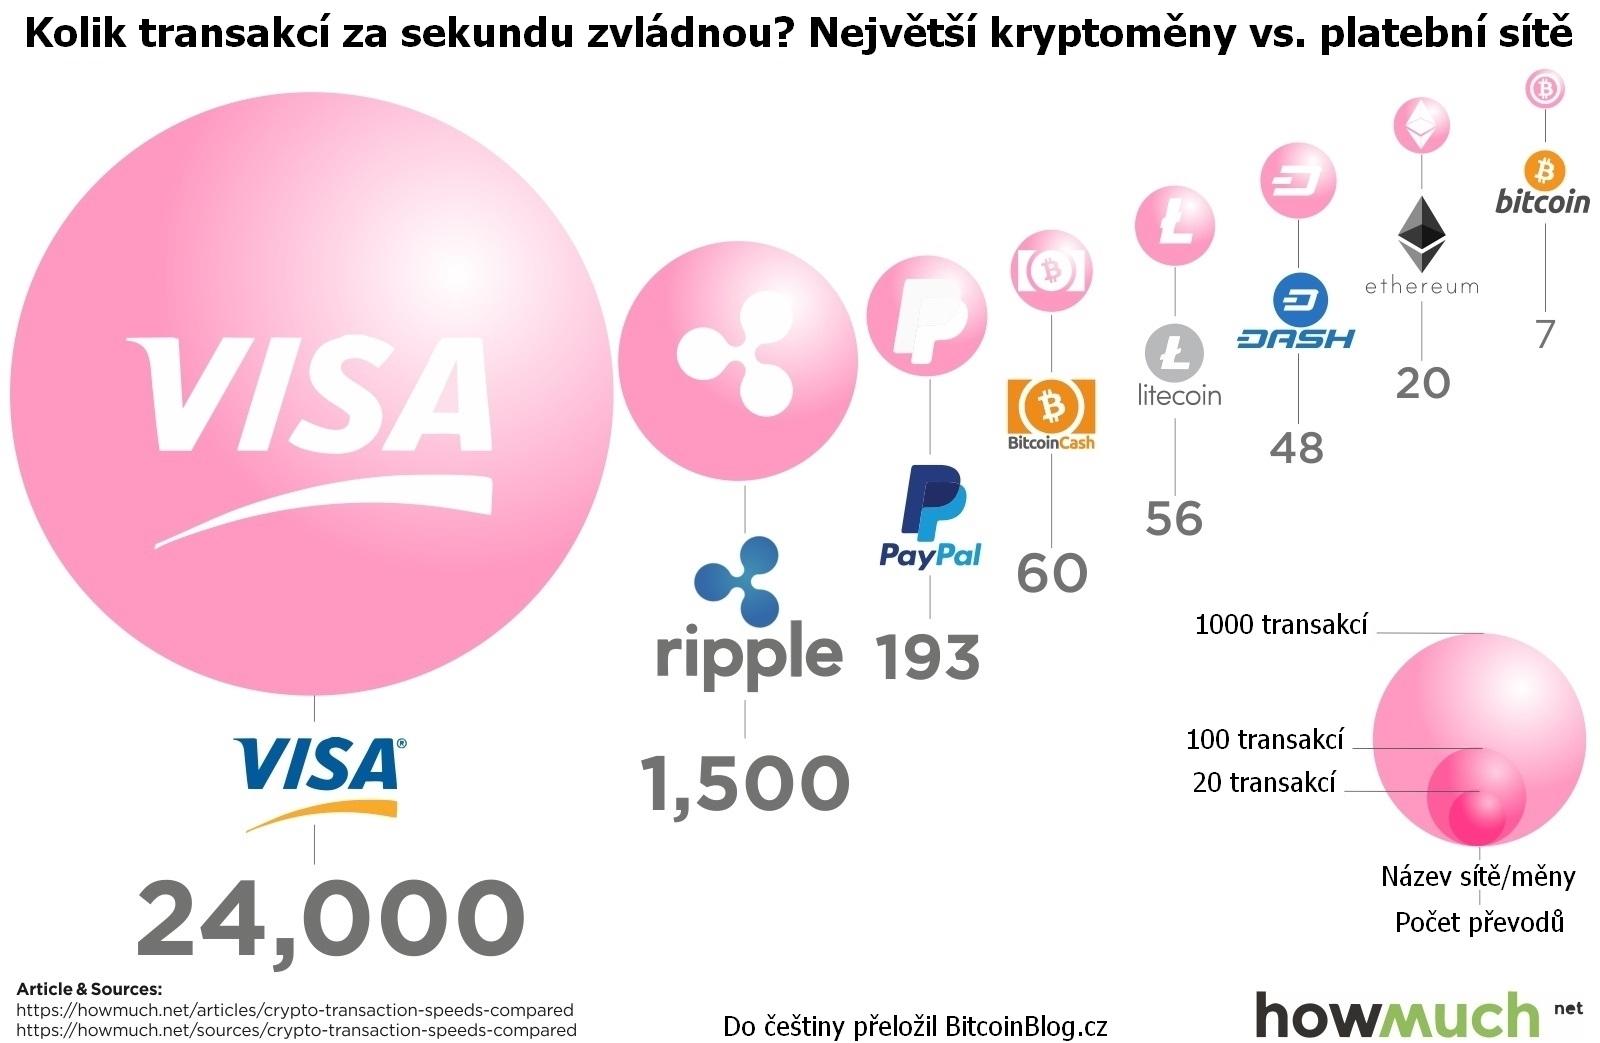 Srovnávací infografika: Kolik transakcí za sekundu zvládnou? Největší kryptoměny vs. platební sítě